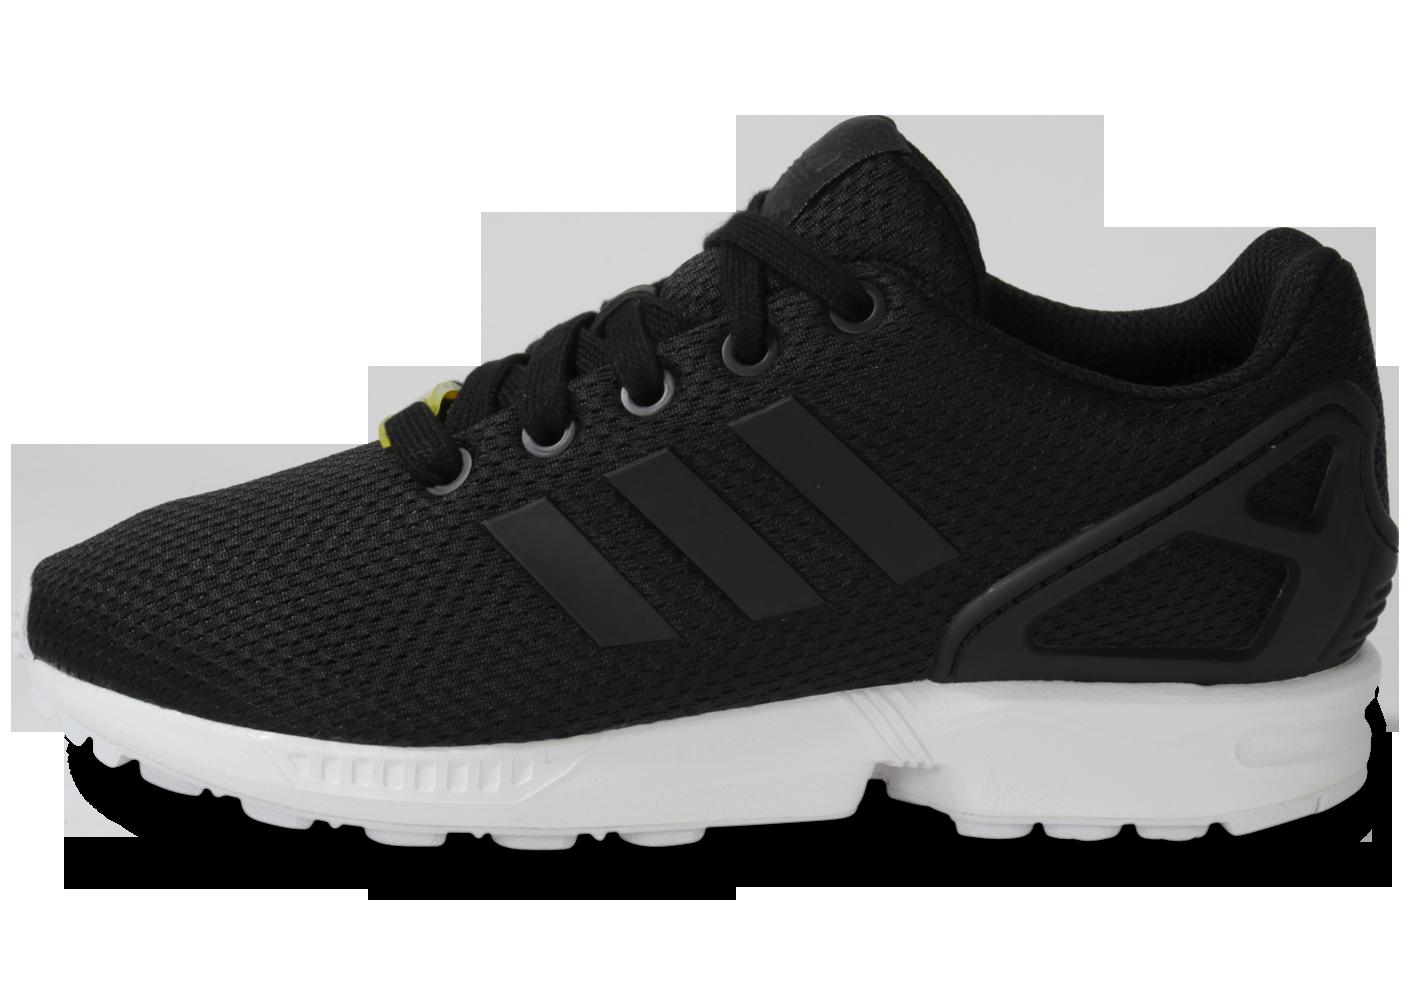 Nouveaux produits c8ed8 a4cd1 adidas chaussure zx flux noir